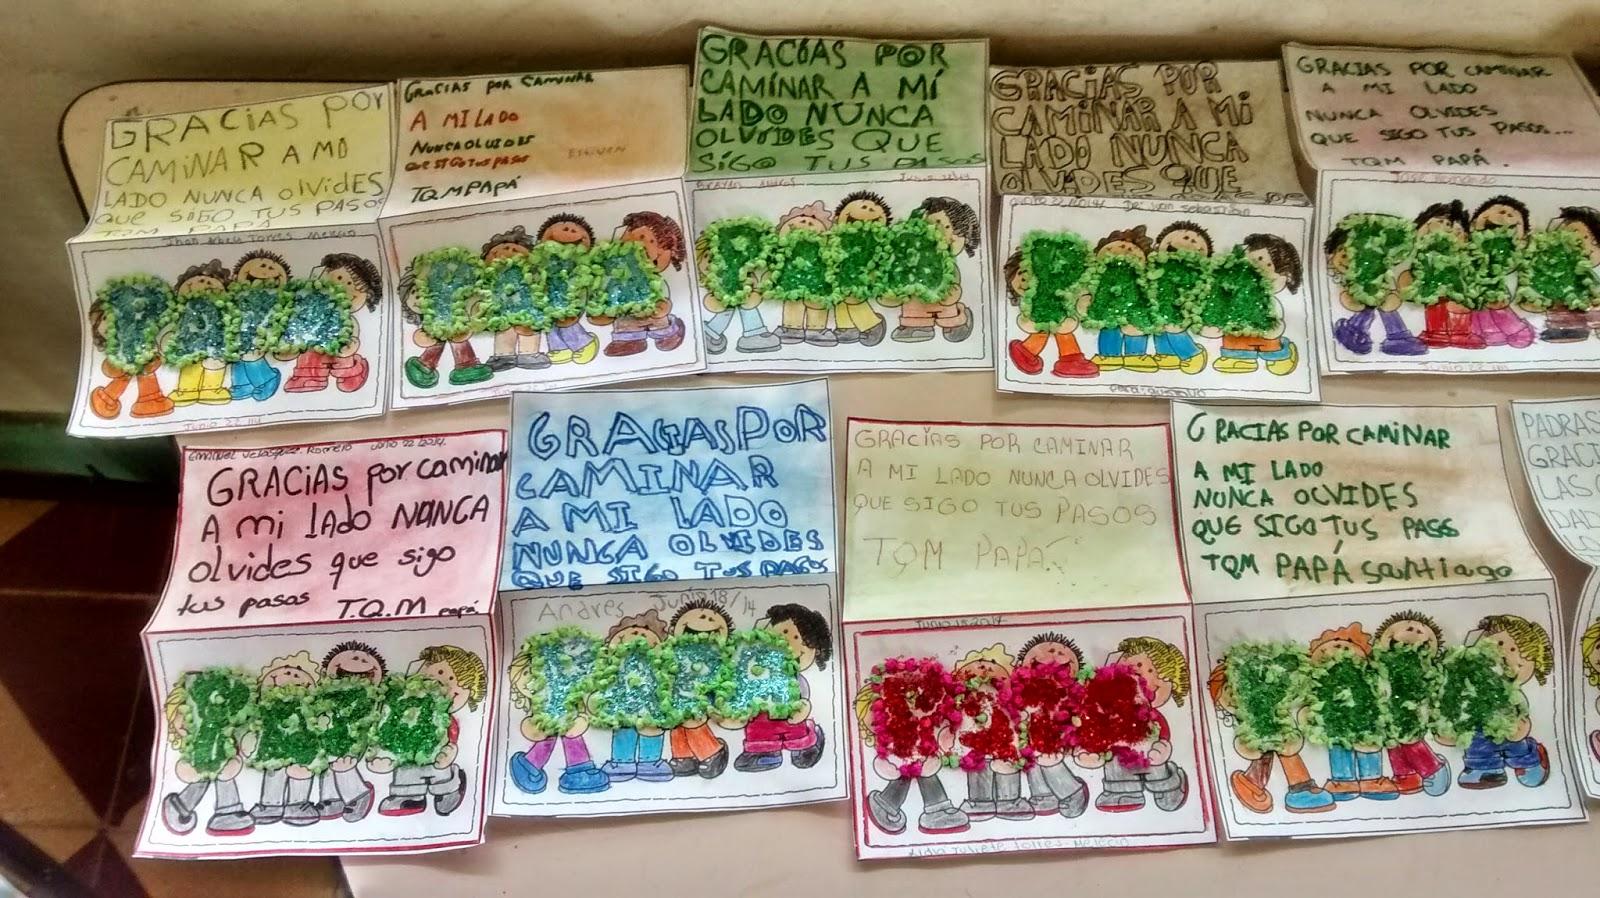 Recuerdos en fomix para la familia helena arts placa fam - Manualidades en familia ...